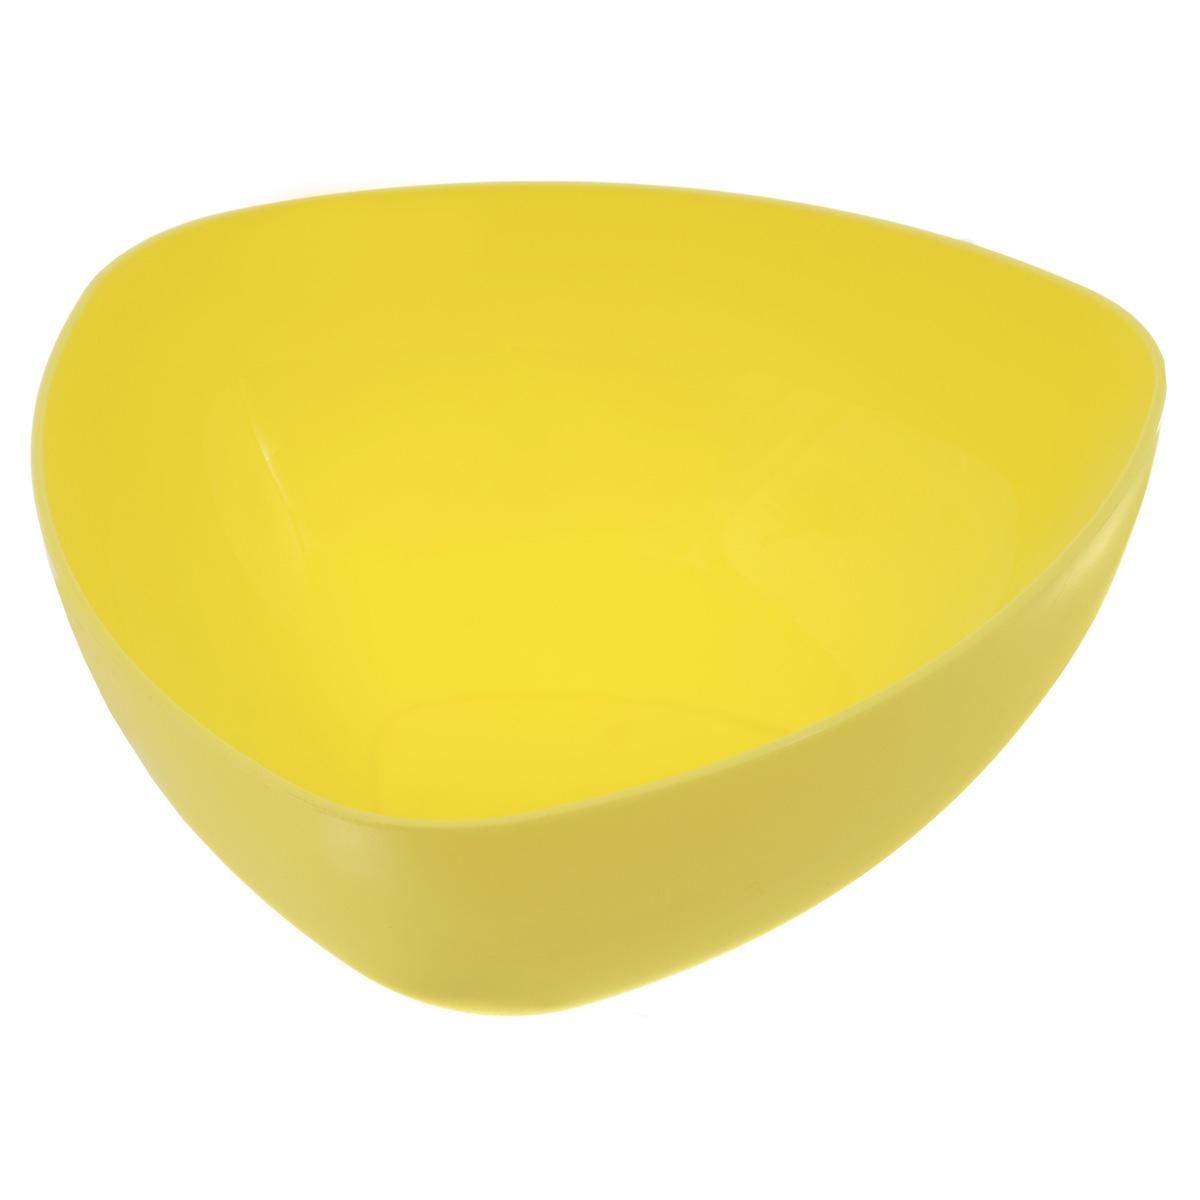 Салатник Ucsan, треугольный, цвет: желтый, 5 лM-748Треугольный салатник Ucsan изготовлен из полипропилена и идеально подходит для сервировки стола. Салатник Ucsan не только украсит ваш кухонный стол и подчеркнет прекрасный вкус хозяйки, но и станет отличным подарком. Размер салатника: 28 х 28 х 12,3 см. Объем салатника: 5 л.